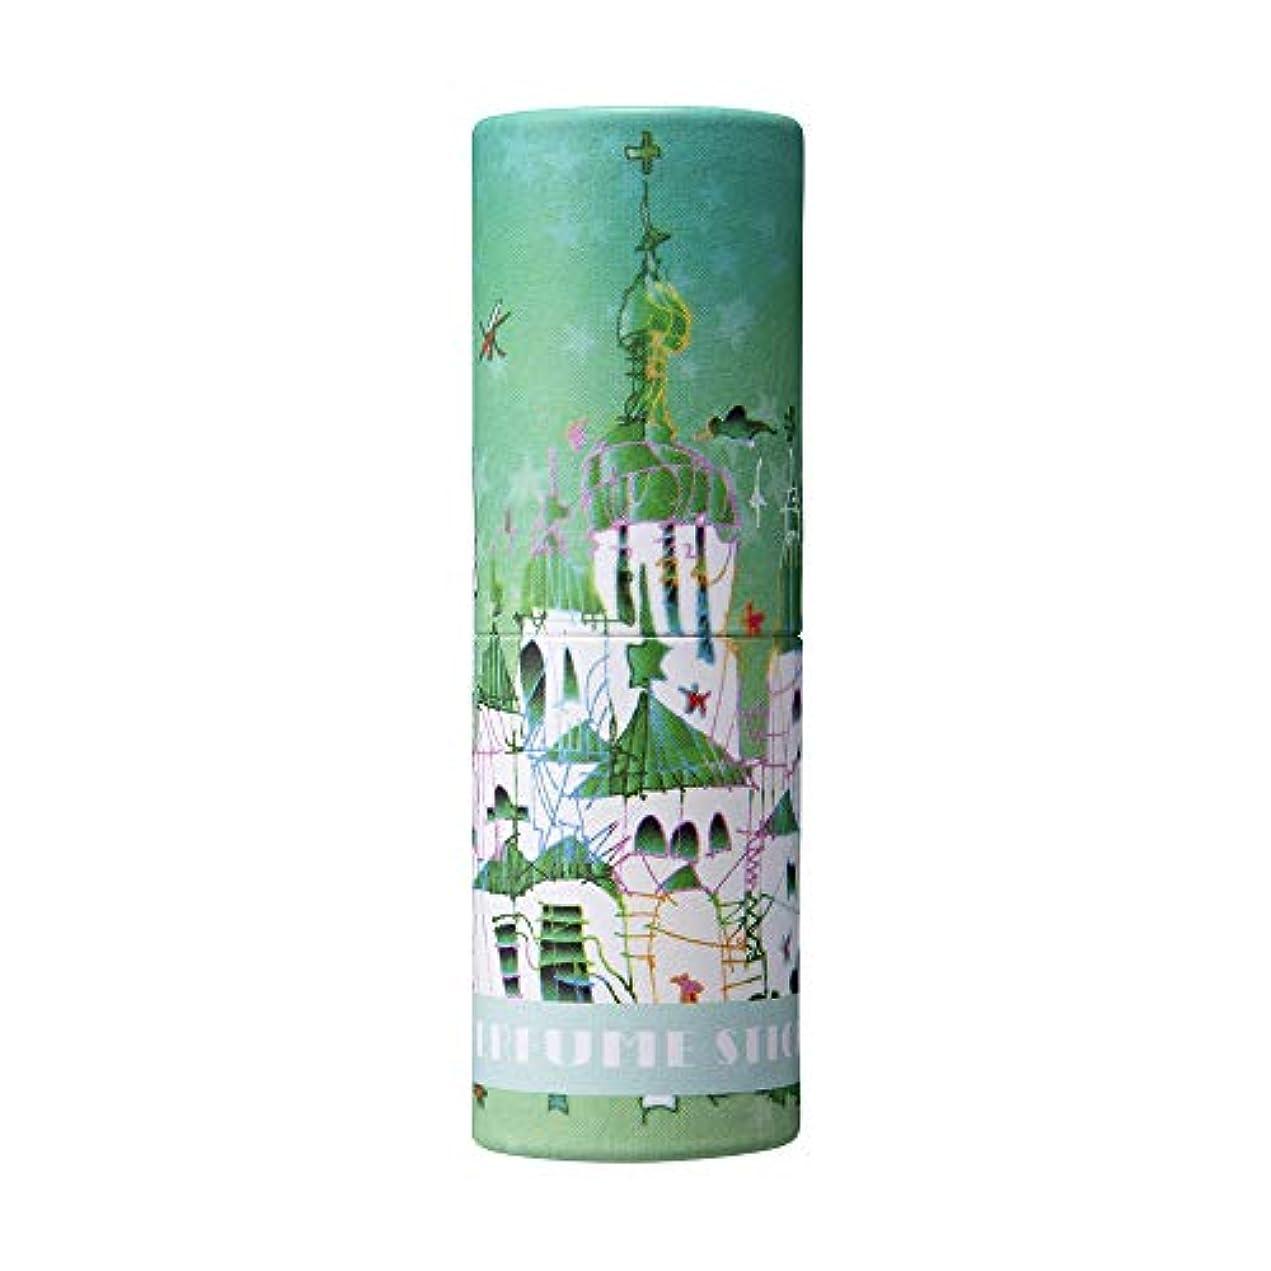 一月小学生補助金パフュームスティック サンクス グリーンアップル&ムスクの香り 世界遺産デザイン 5g